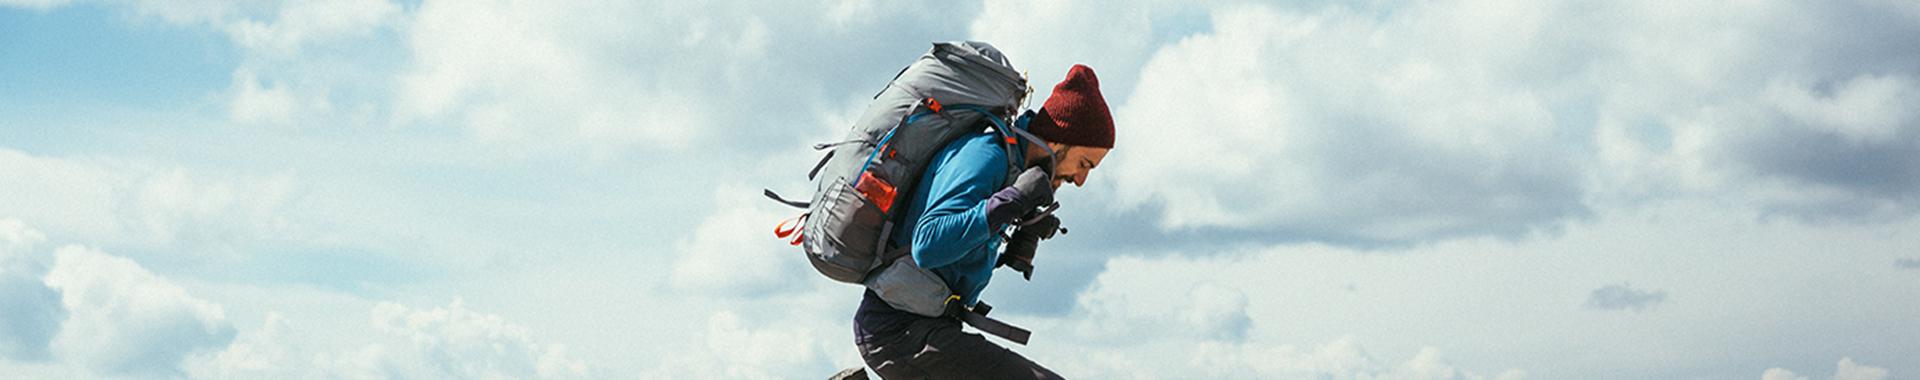 sd-backpackscategory.jpg